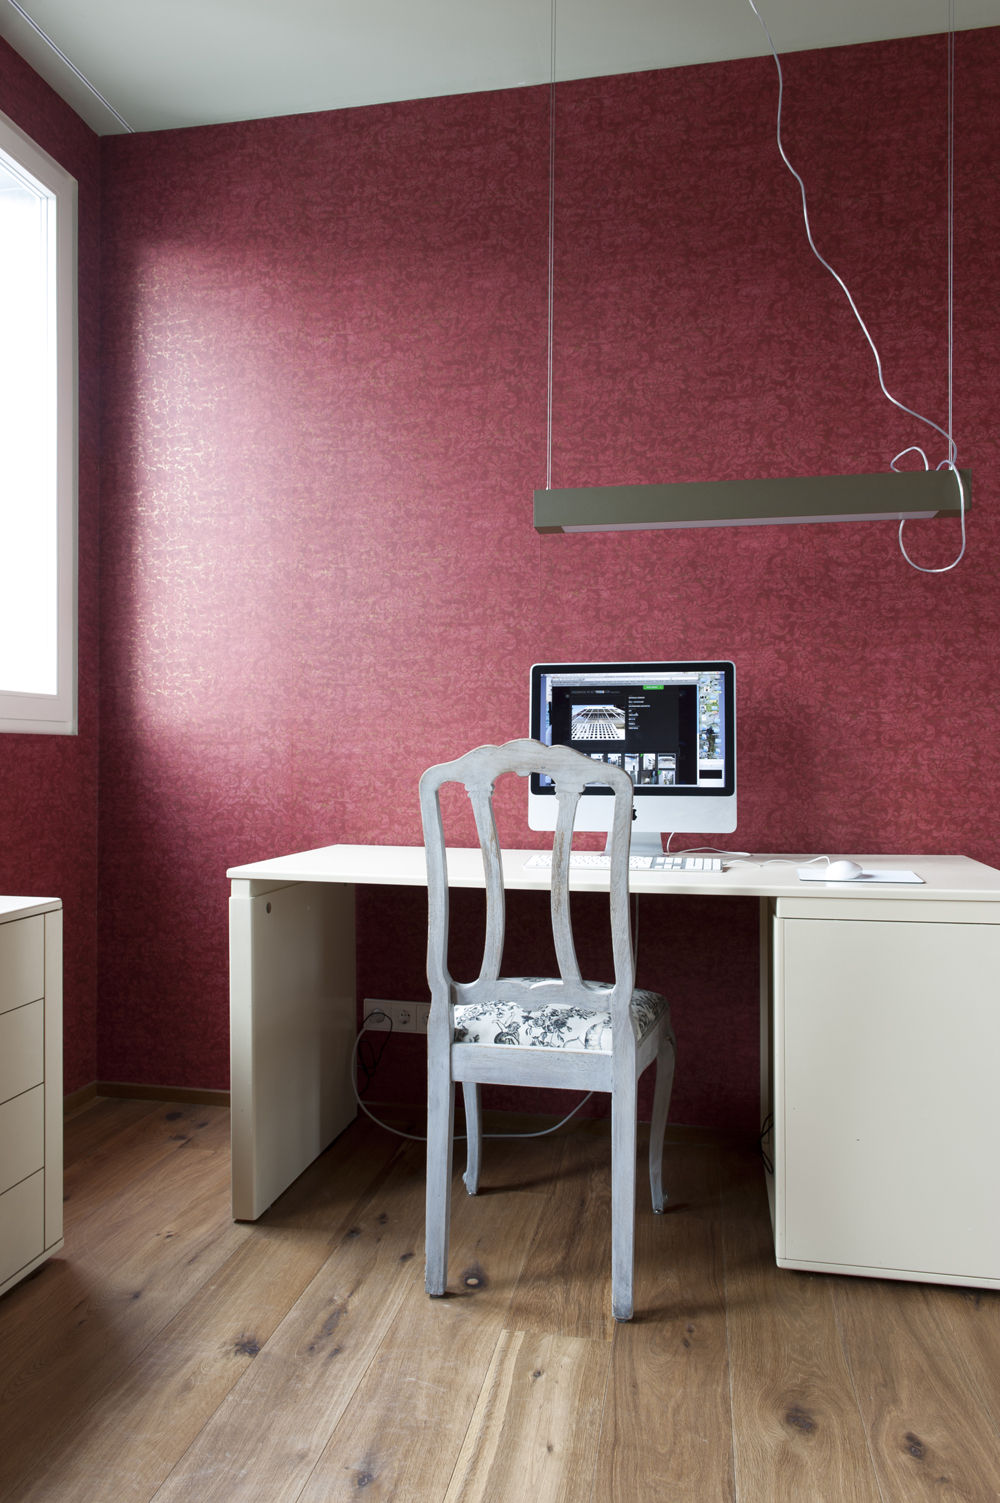 Arbeitszimmer farbgestaltung  Das Arbeitszimmer mit Farbe gestalten - bauemotion.de